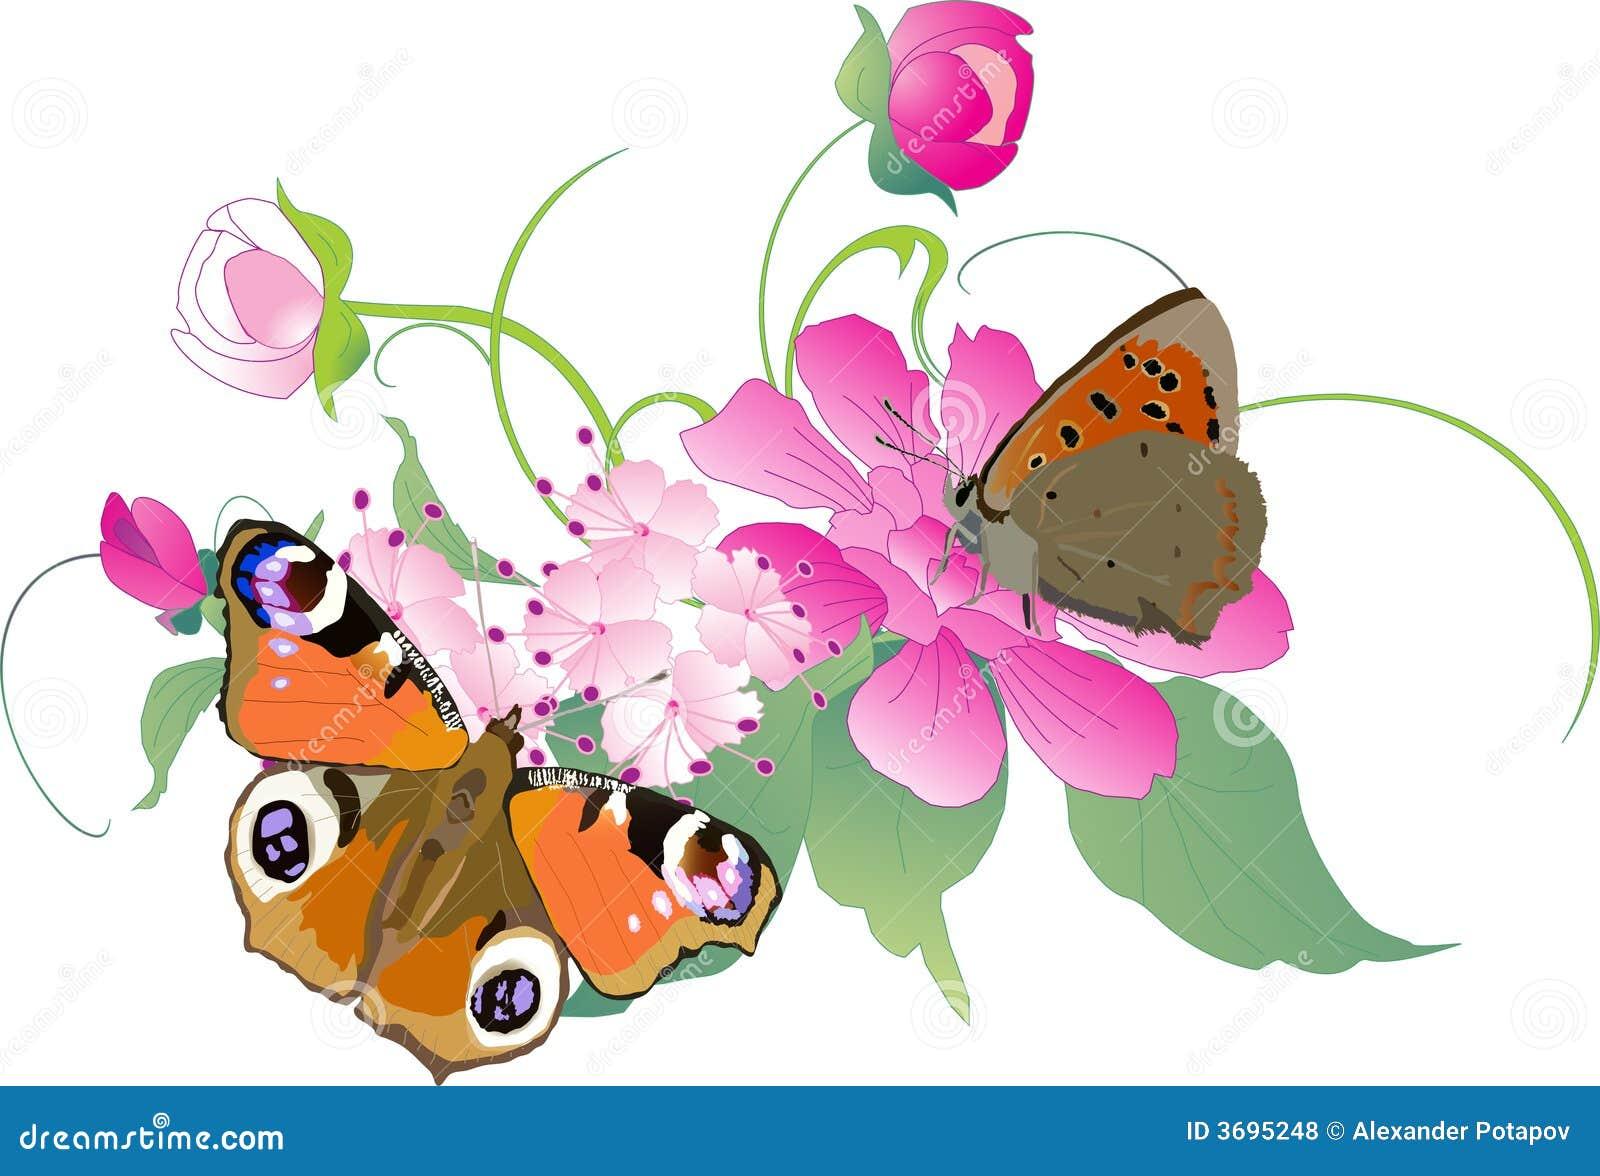 Fotos de archivo libres de regalías: Mariposas en la ilustración de